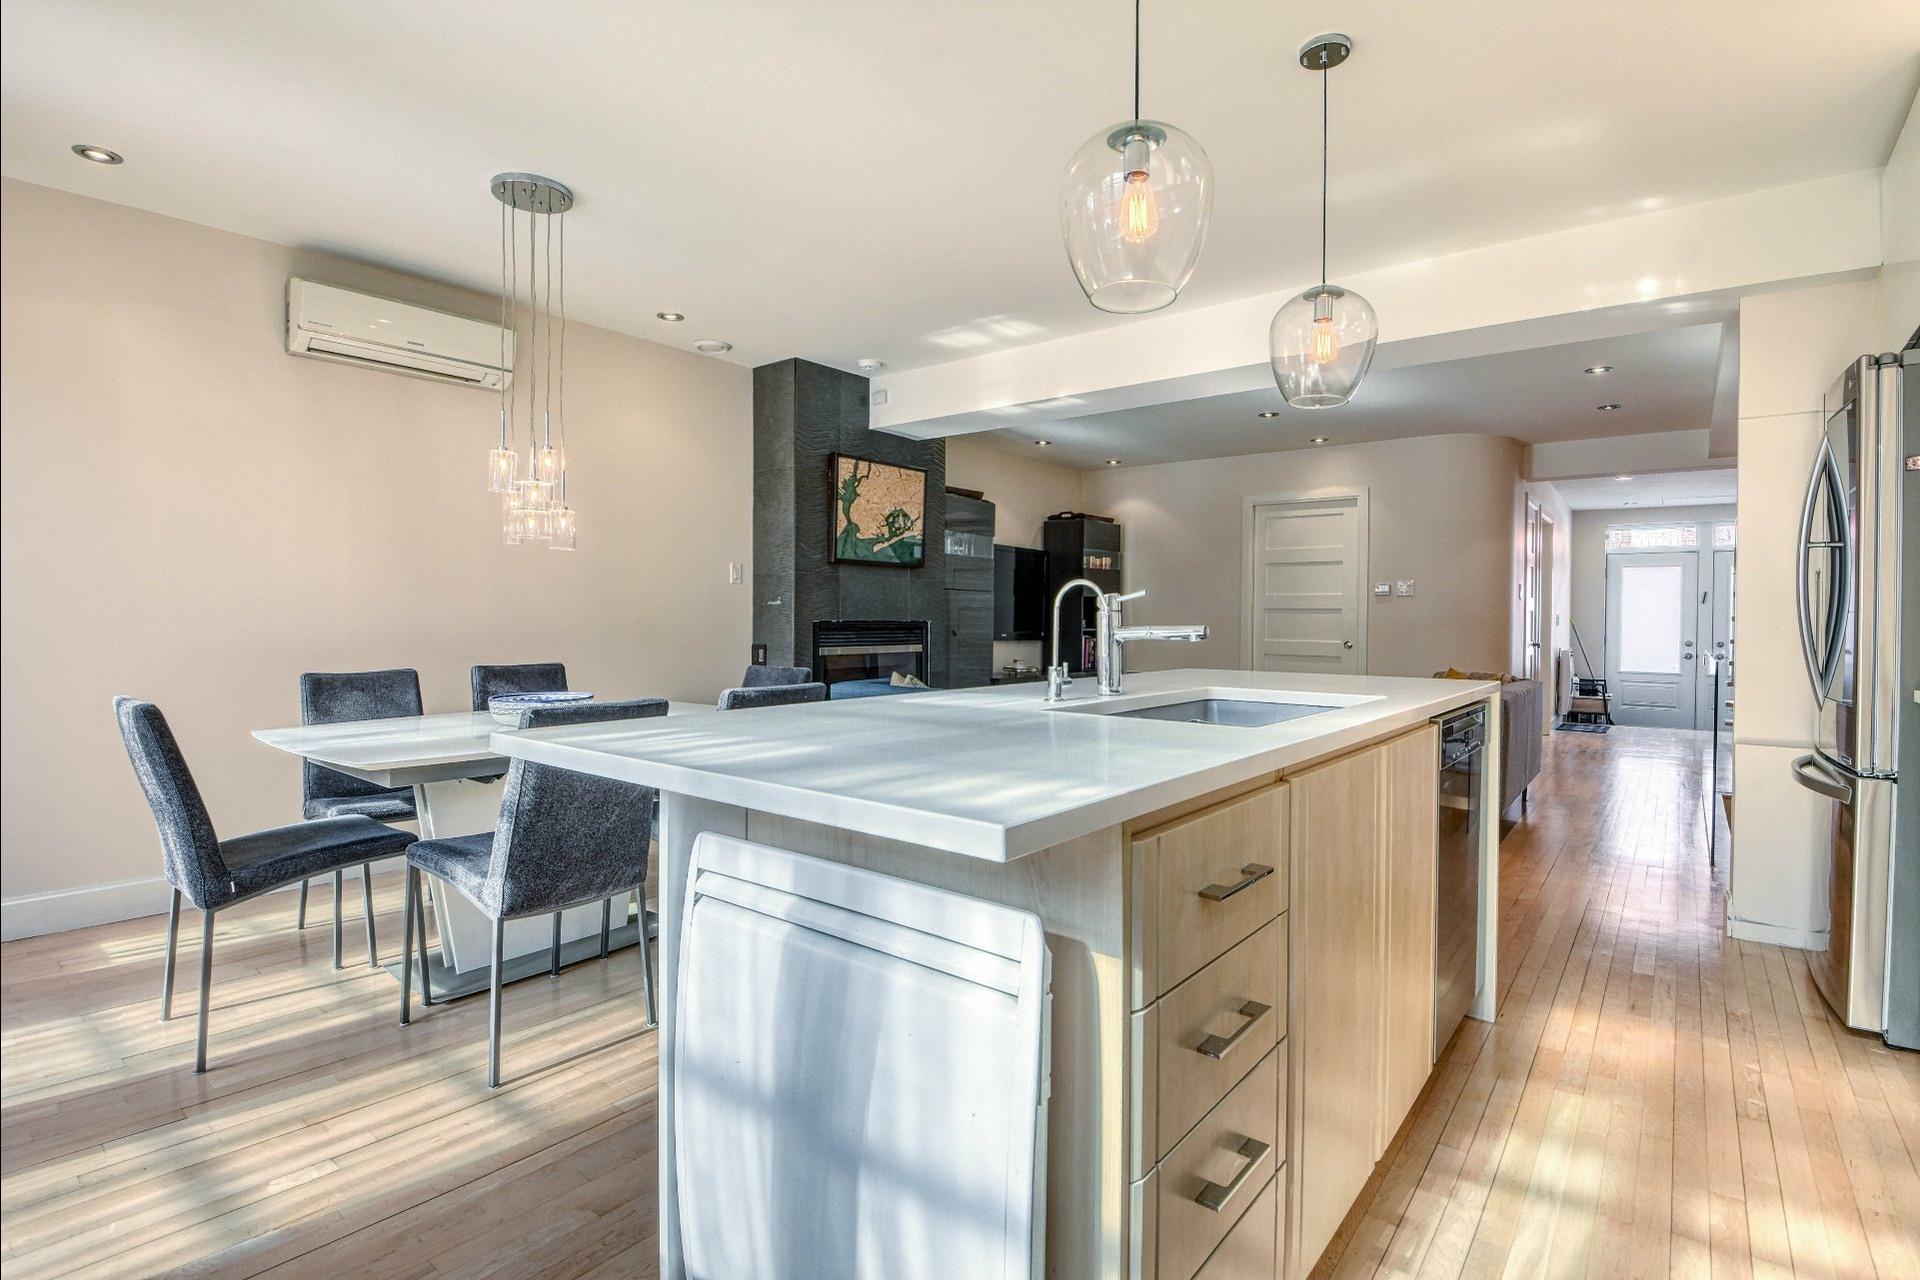 image 13 - Maison À vendre Le Plateau-Mont-Royal Montréal  - 10 pièces